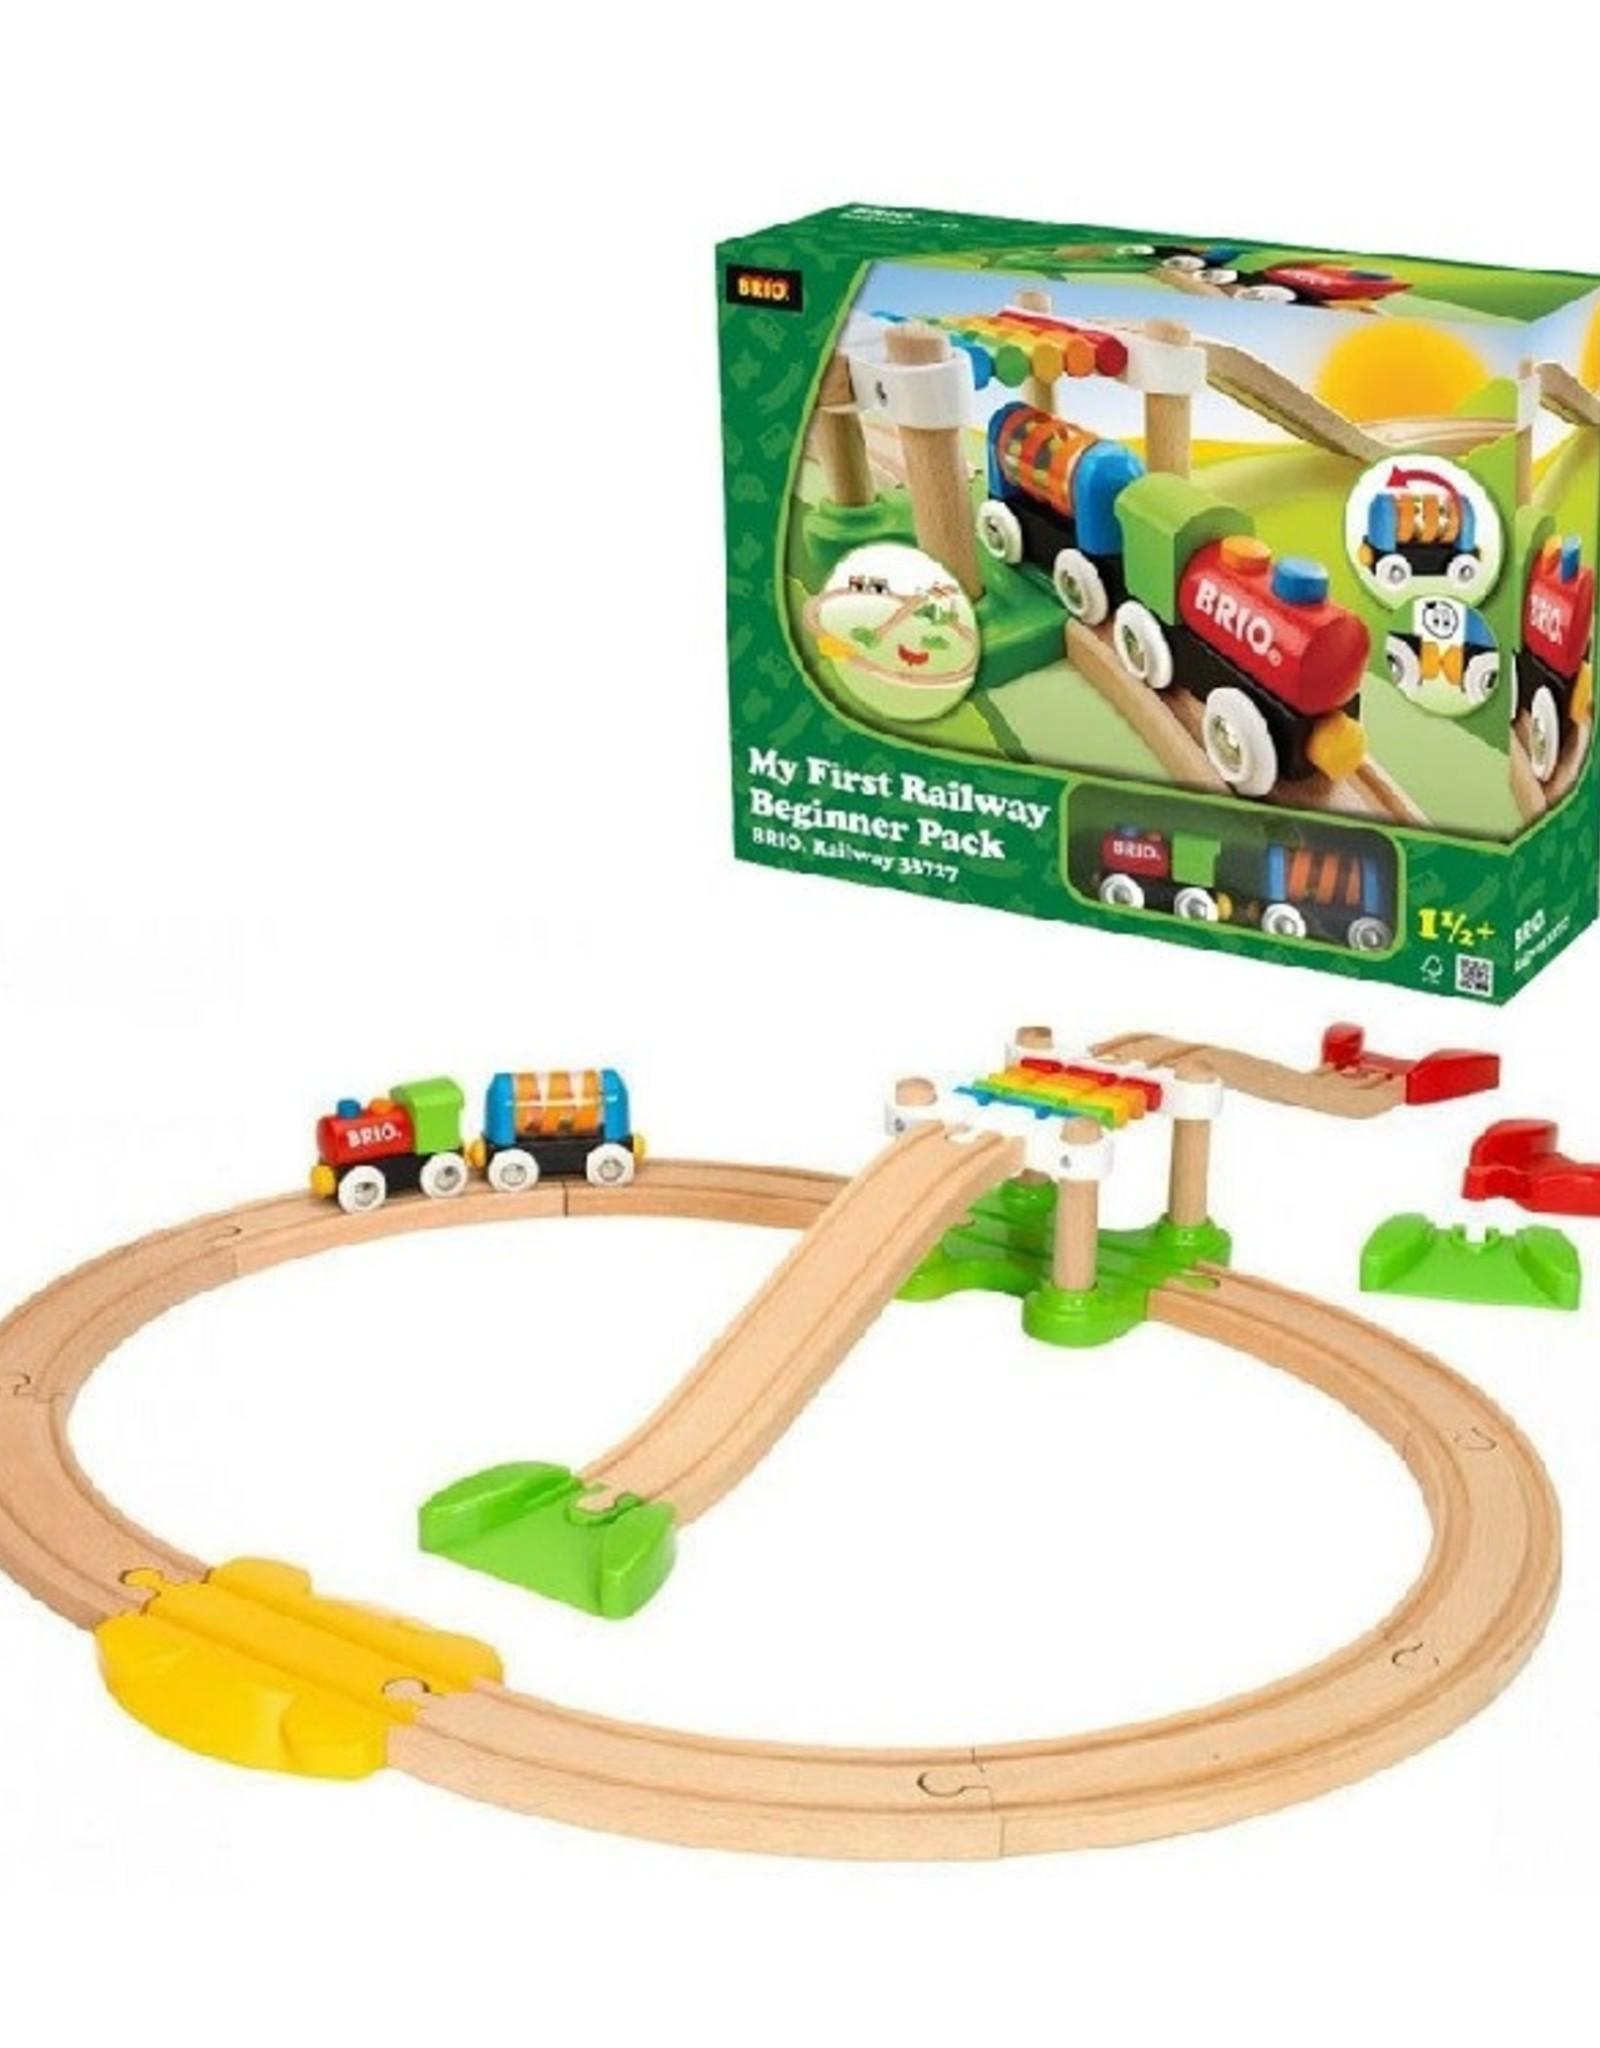 Brio Trains My First Railway Beginner Pack